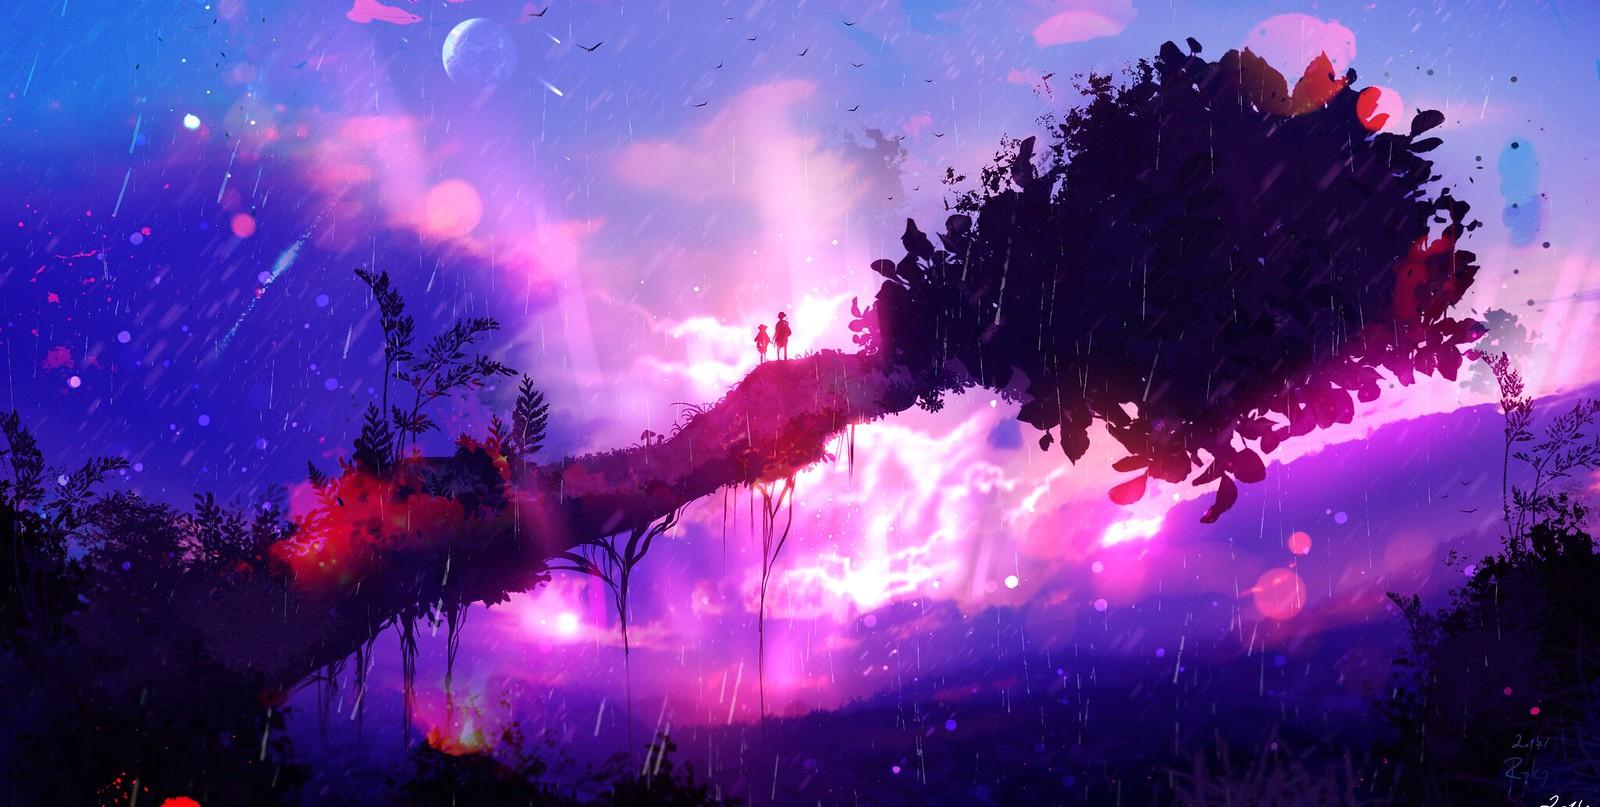 Vibrasphere - Purple [Progressive Trance]